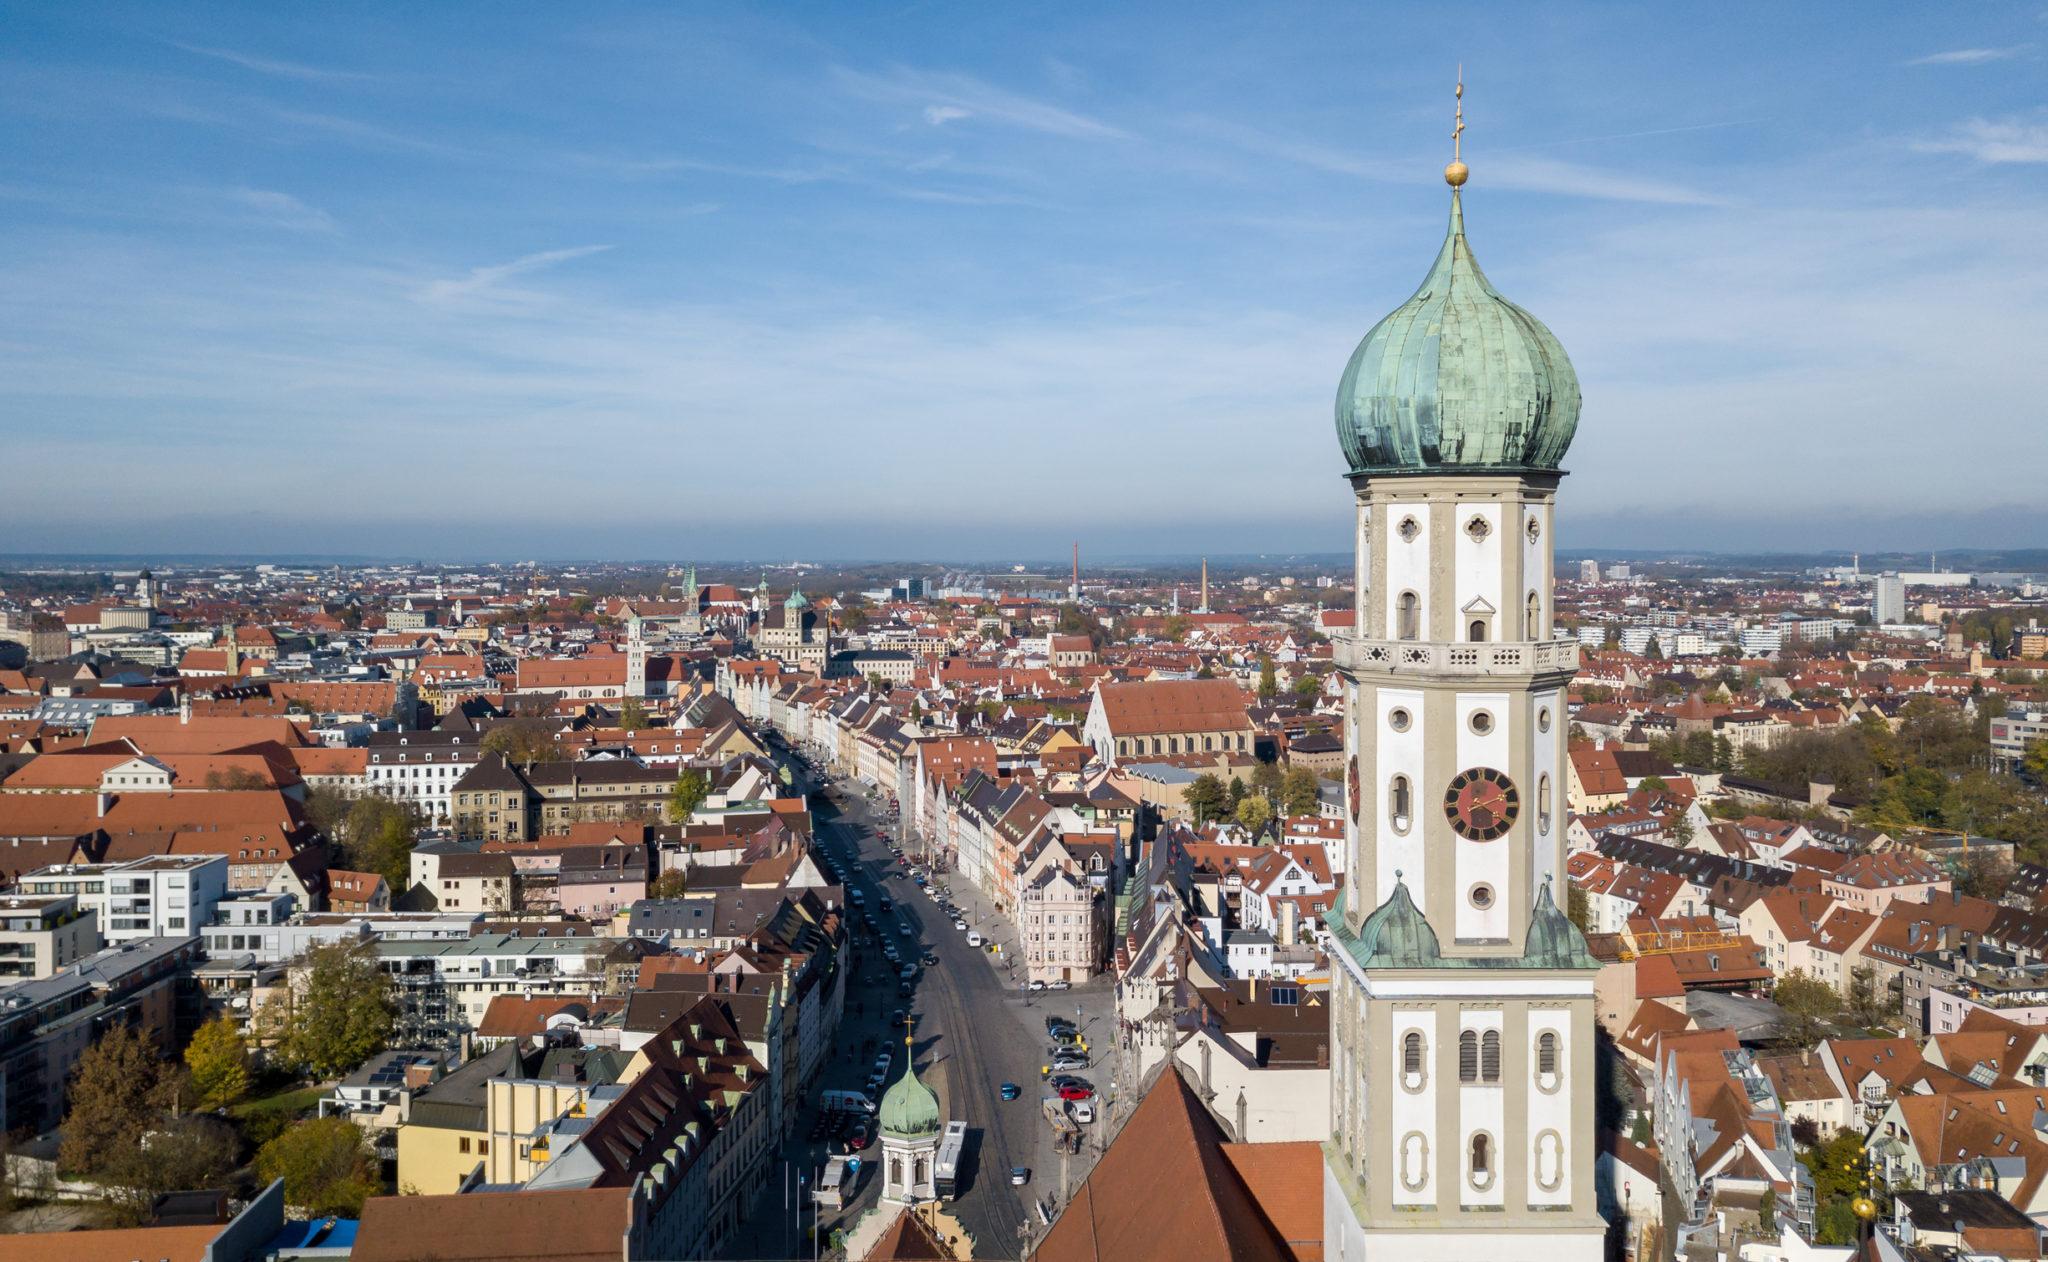 Haushaltsauflösung und Entrümpelung in Augsburg